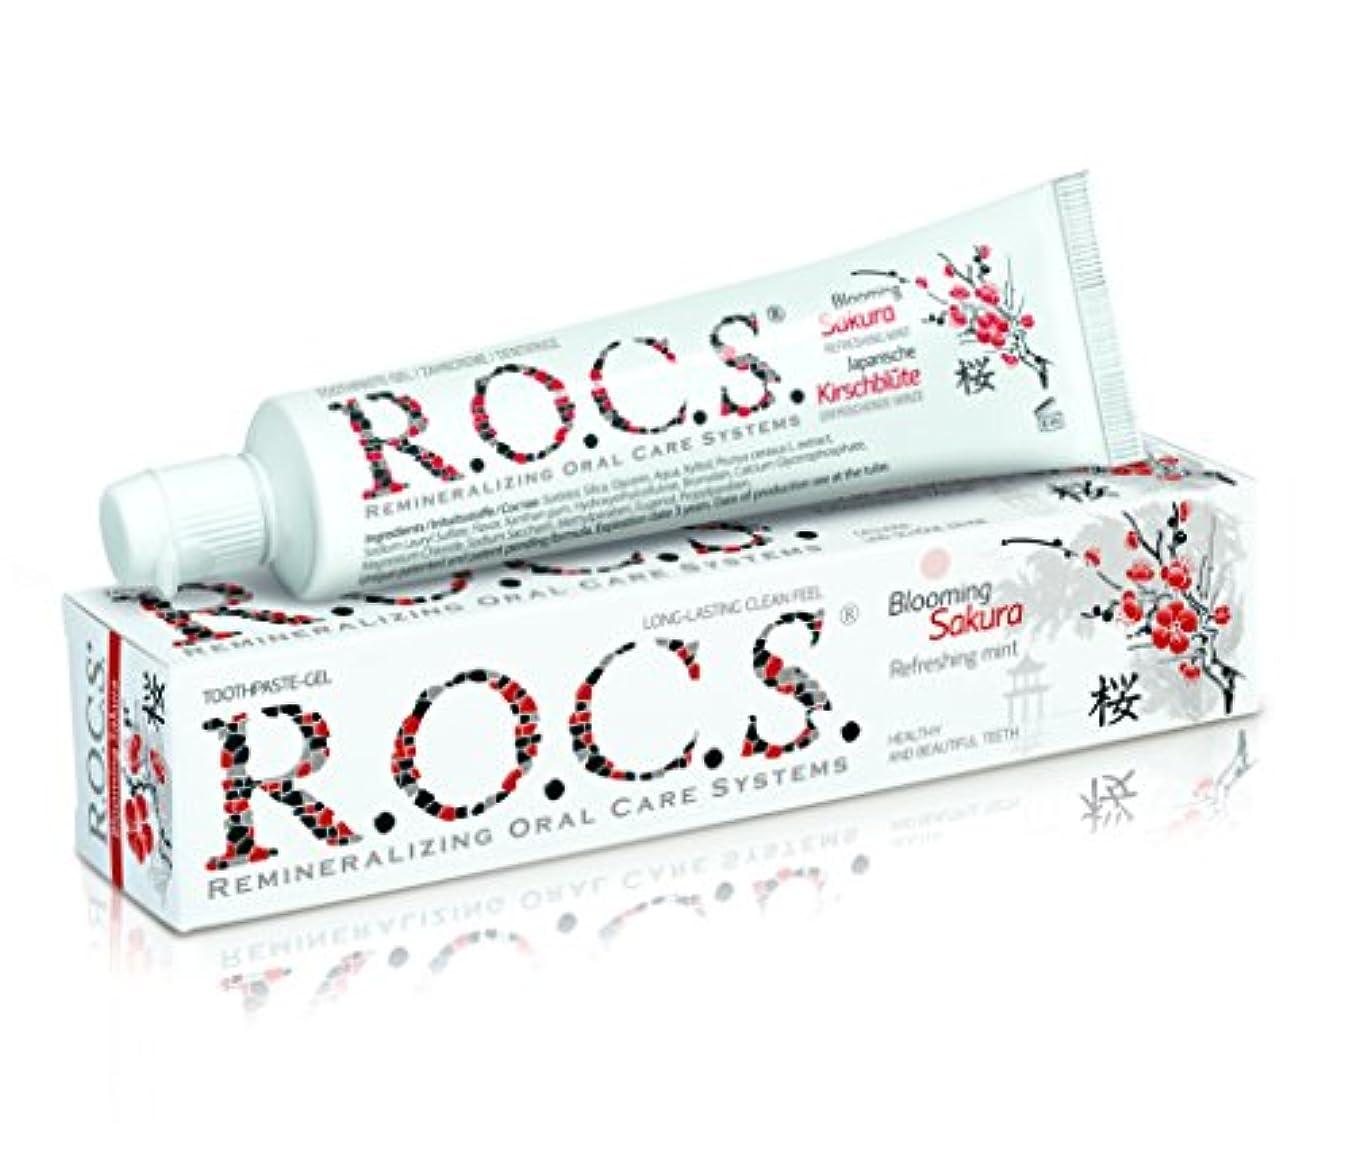 ワイドワーディアンケース火曜日R.O.C.S. ロックス歯磨き粉 ブルーミング サクラ